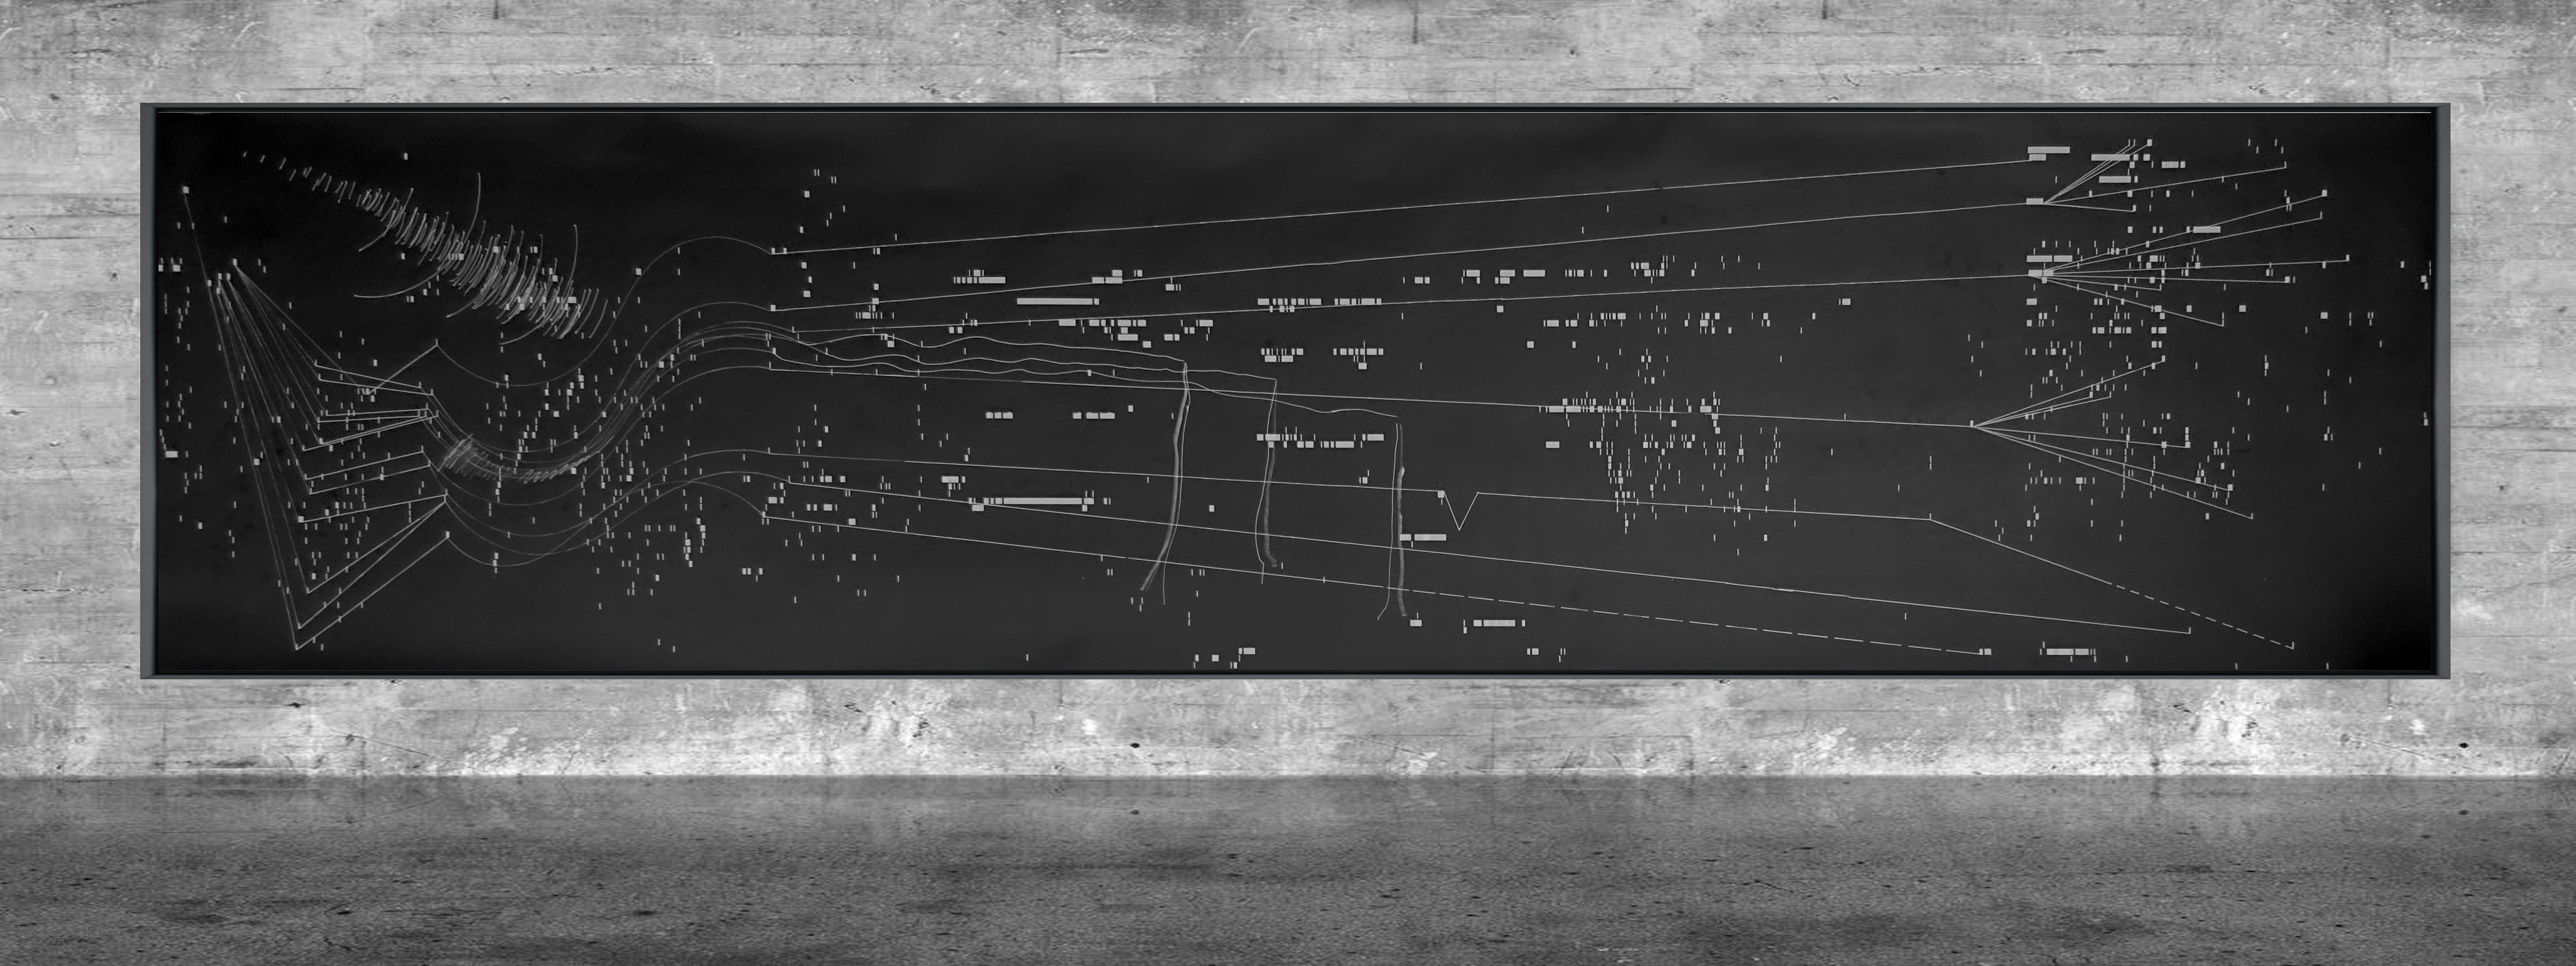 Graphic notation - Félix-Antoine Morin 2021 - Partition graphique - visual art - 33